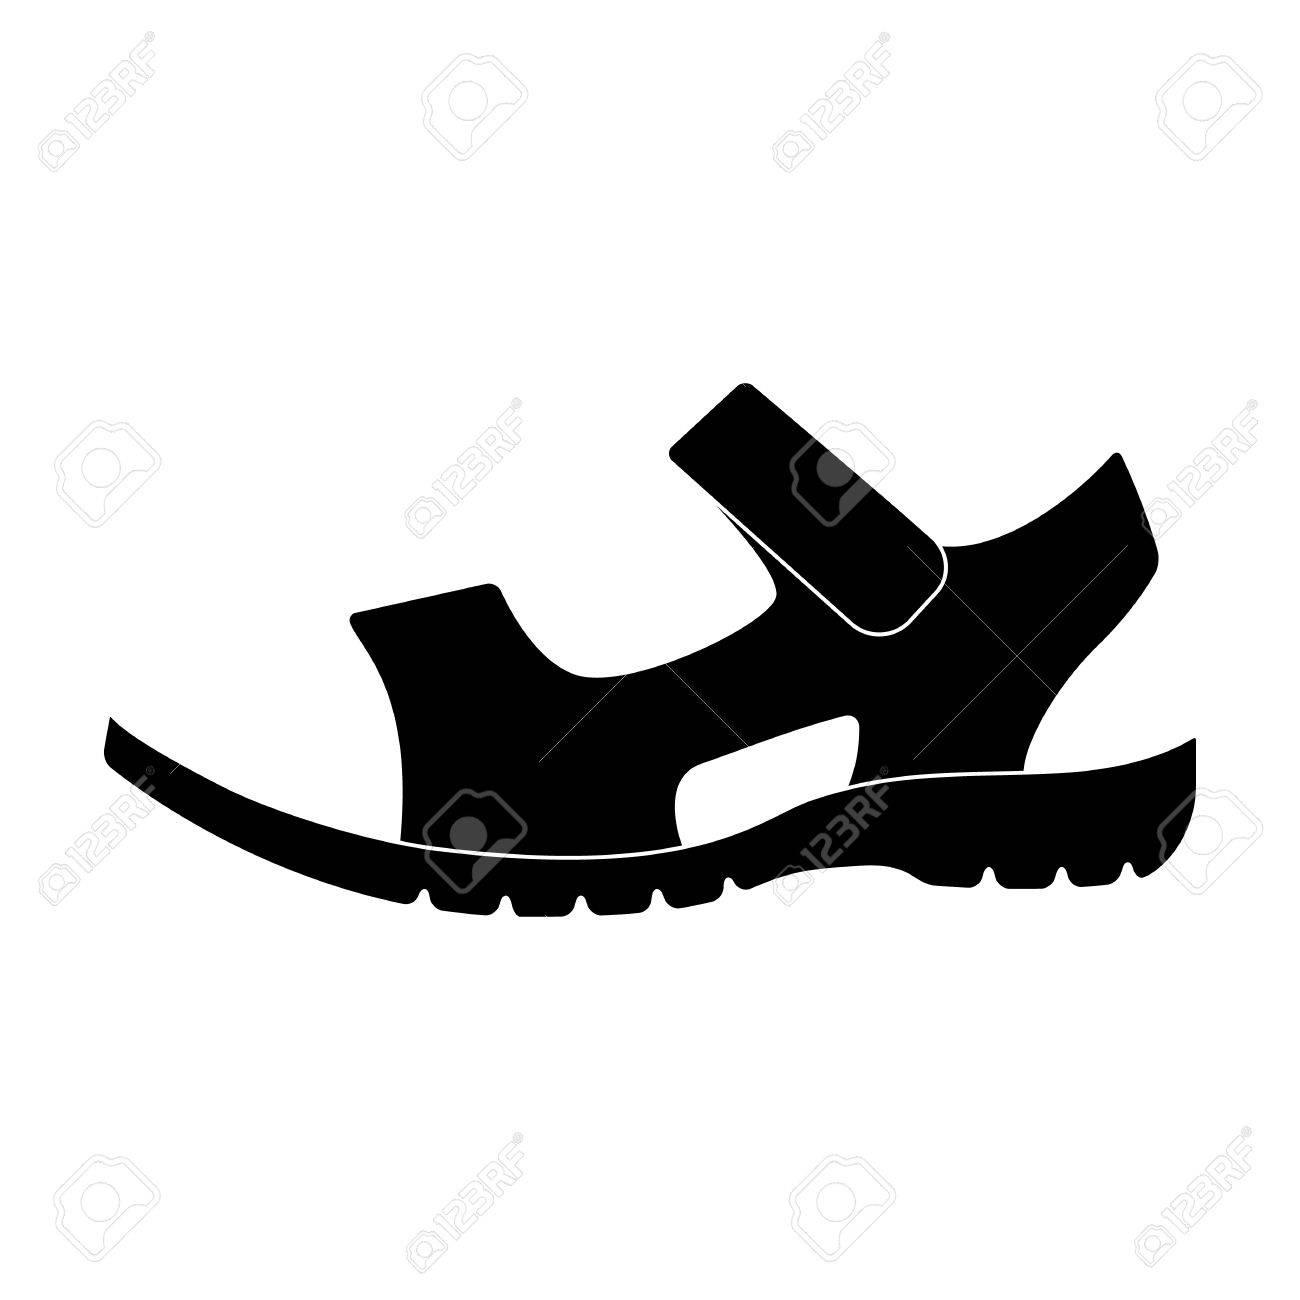 Männer Sommer braun Ledersandalen auf nackten Fuß. Verschiedene Schuhe  einzelnes Symbol im schwarzen Stil Symbol 37a3bcbf42